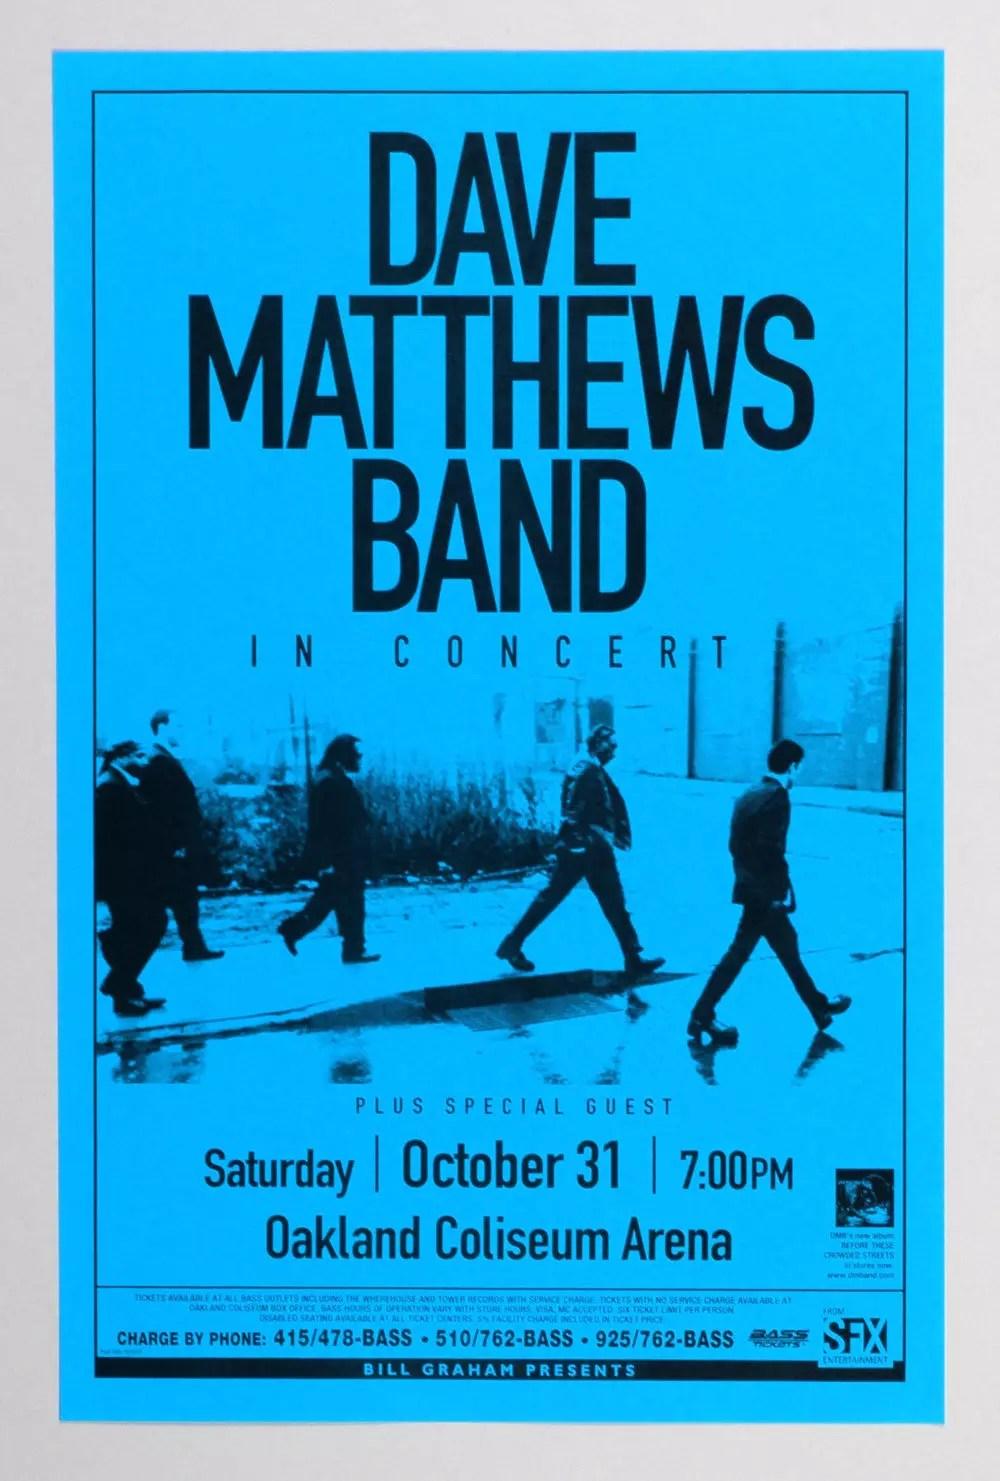 Dave Matthews Band  Poster 1998 Oct 31 Oakland Coliseum